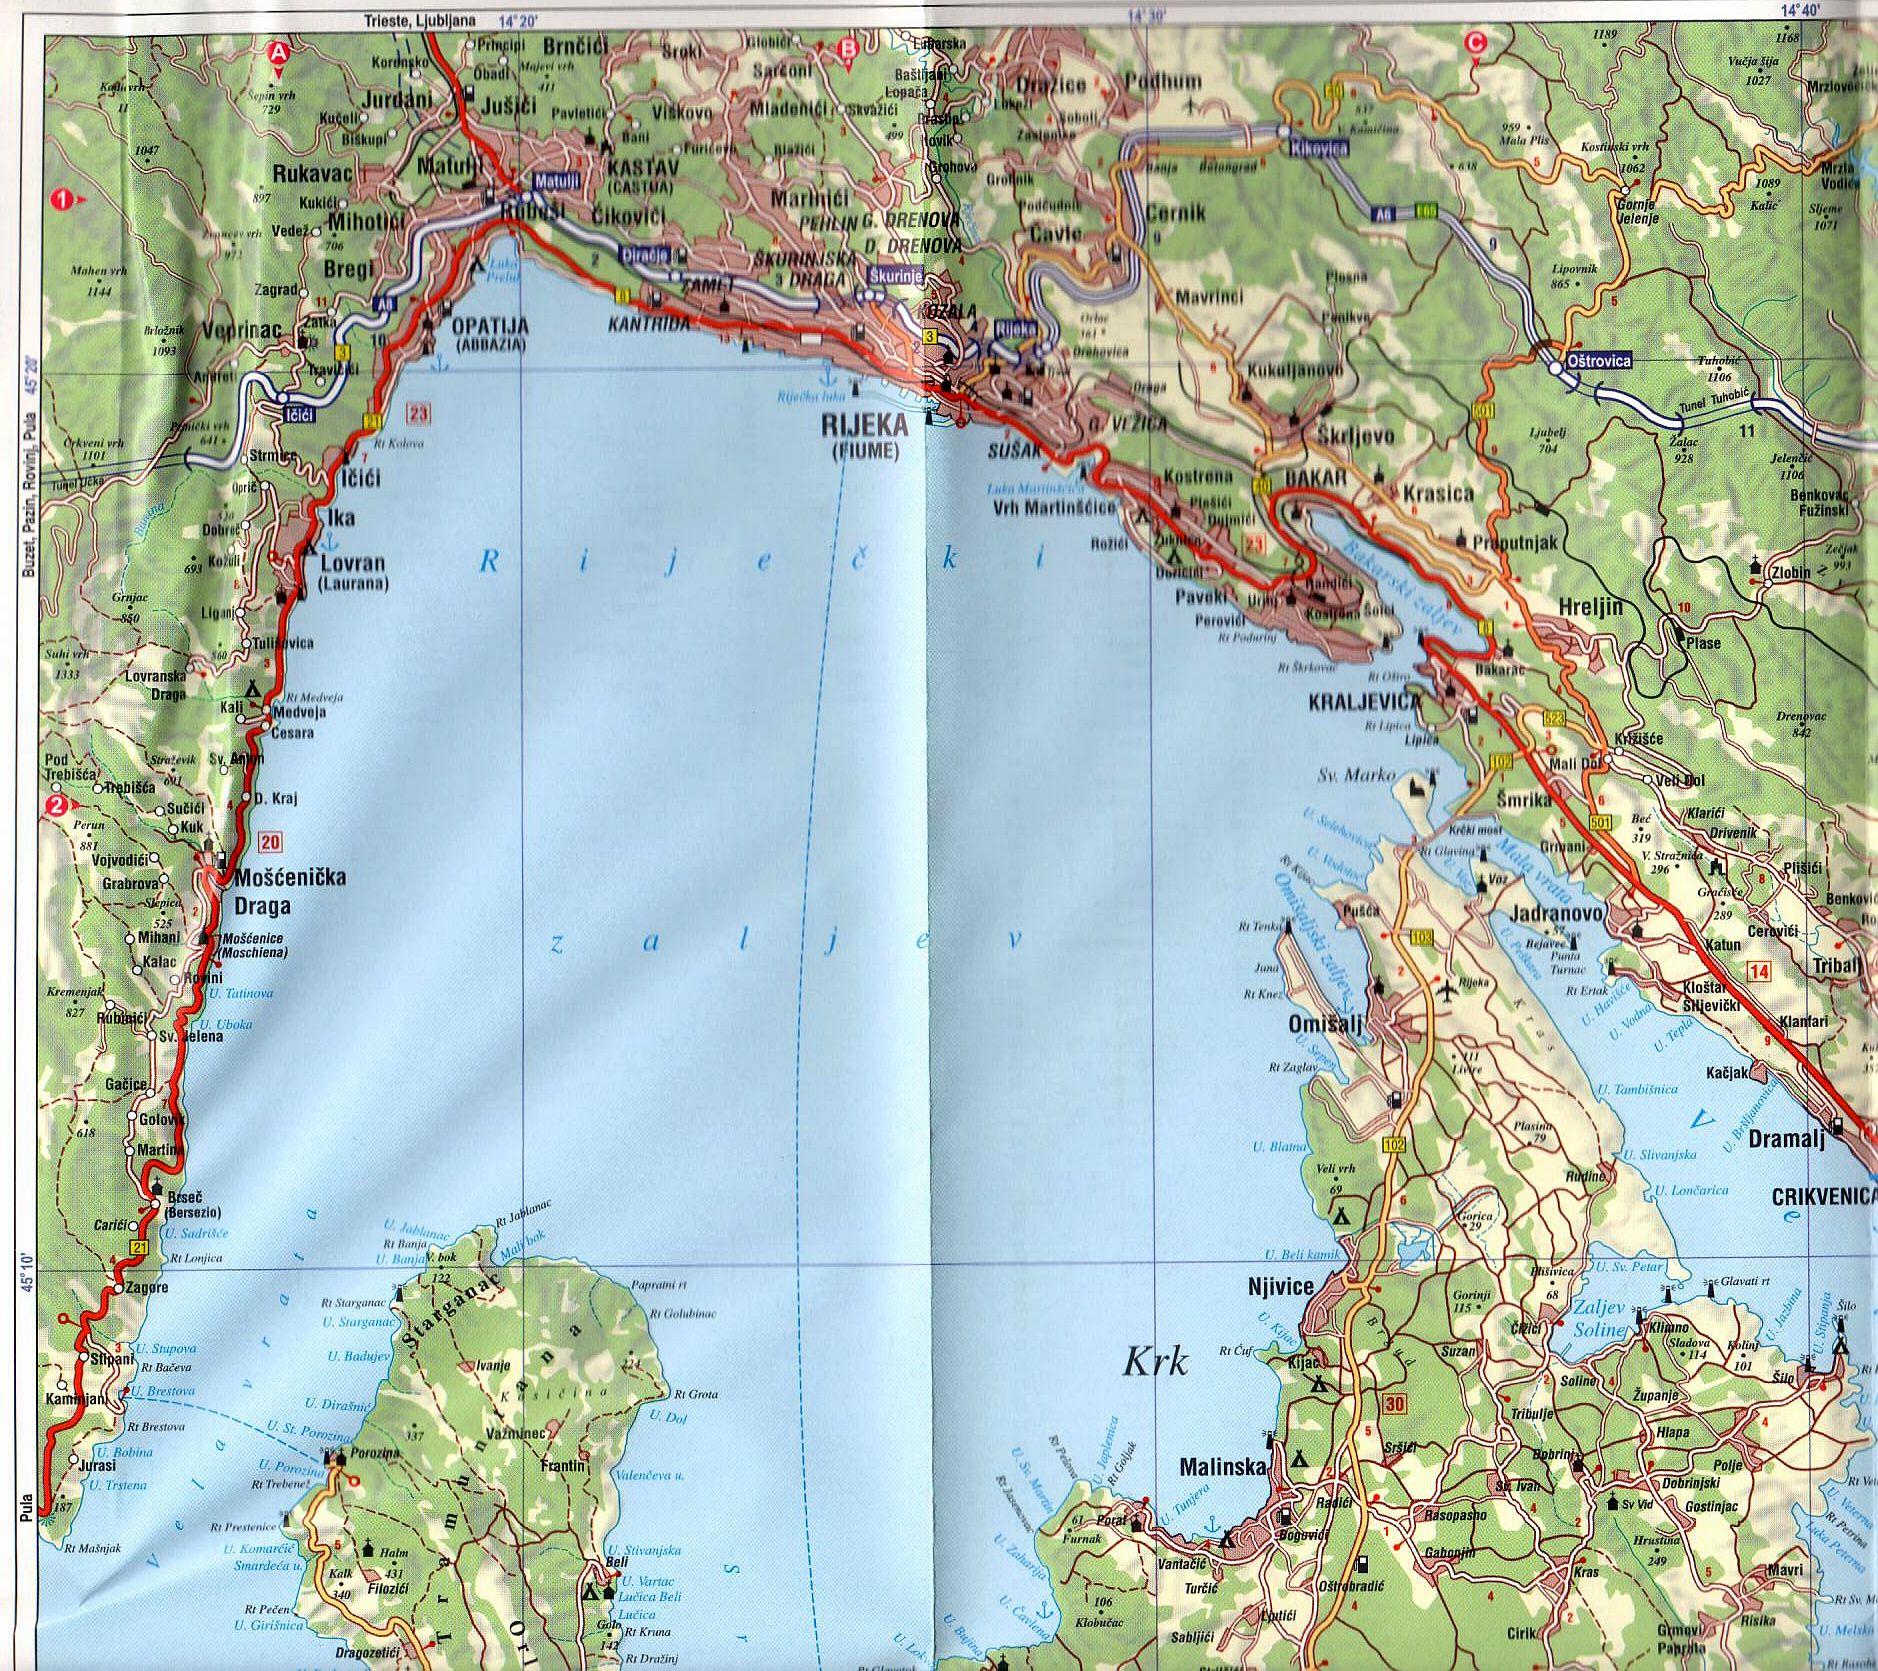 Kvarner térkép mintakivágat